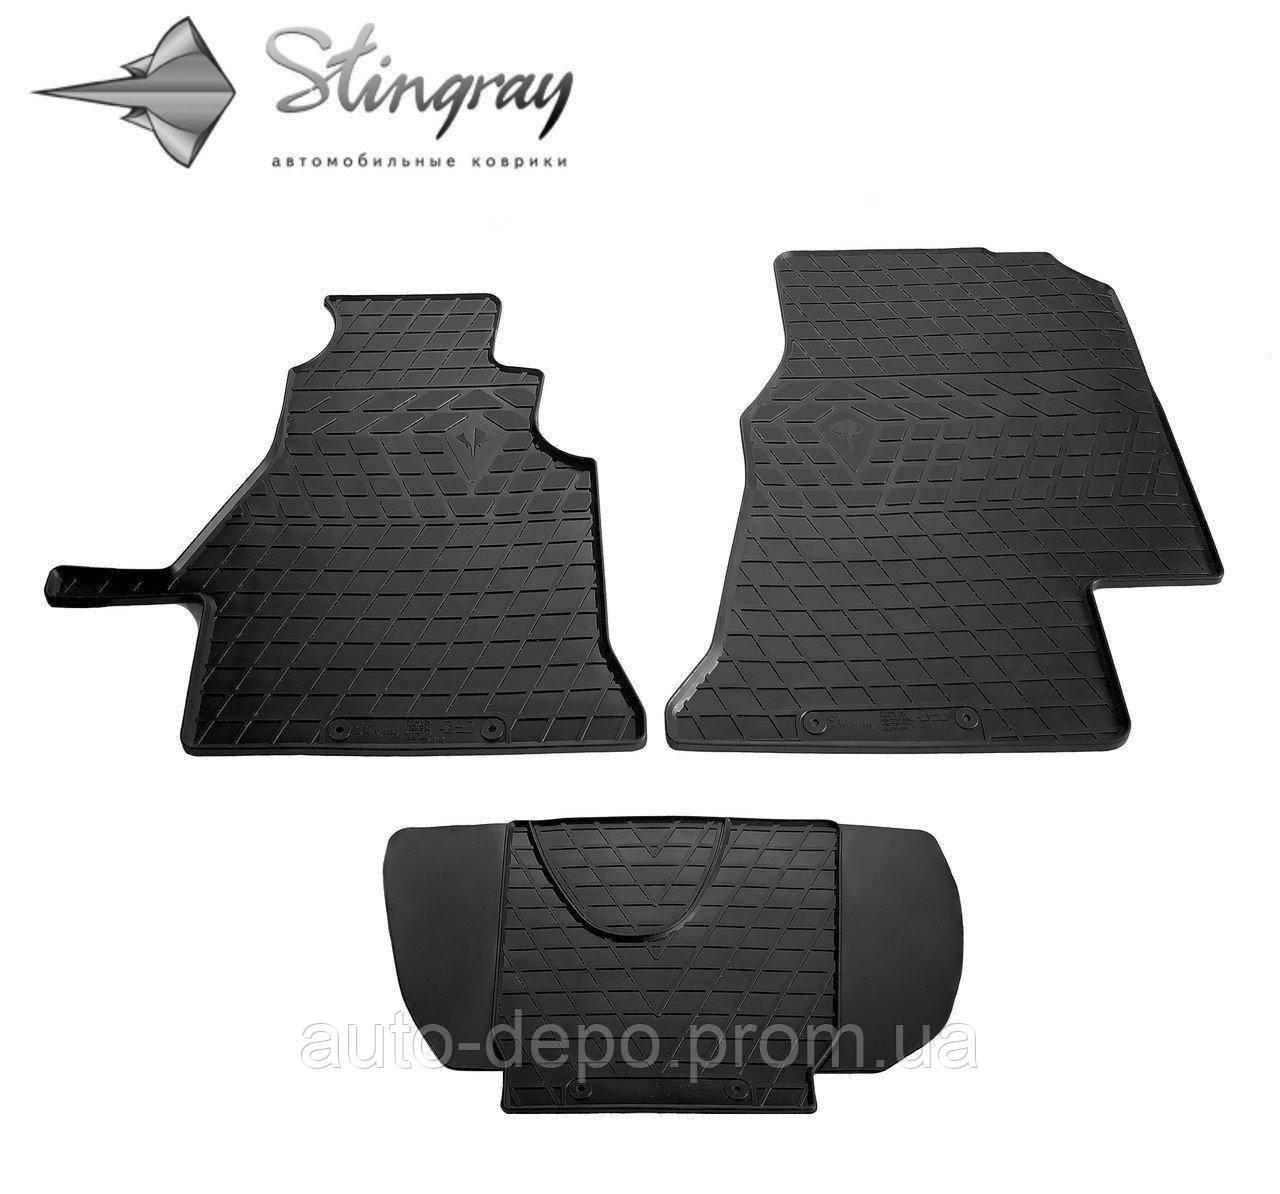 Коврики автомобильные для Volkswagen LT II (1+2) 1995-2006 Stingray